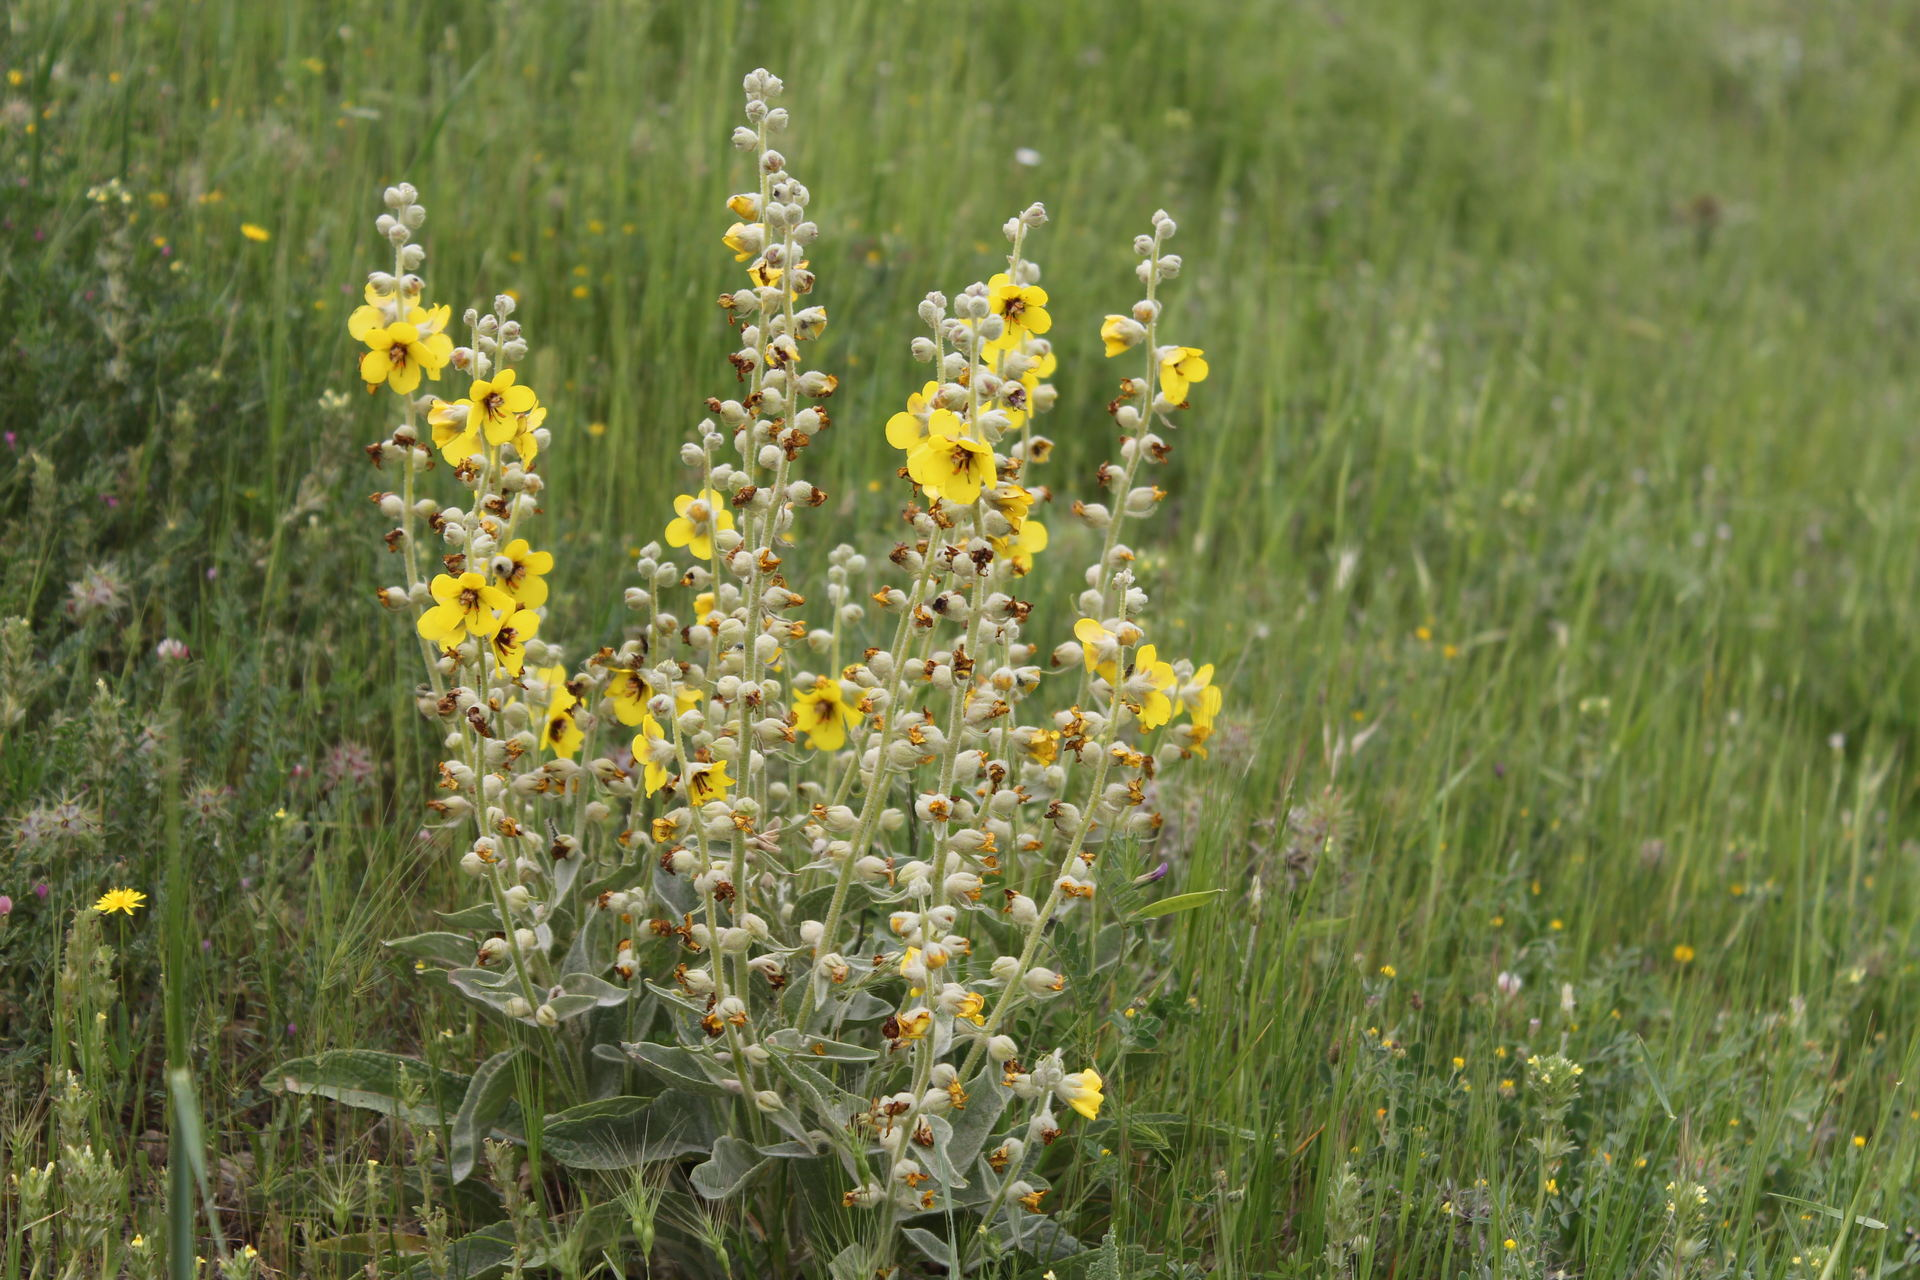 Verbascum alceoides Boiss. & Hausskn.